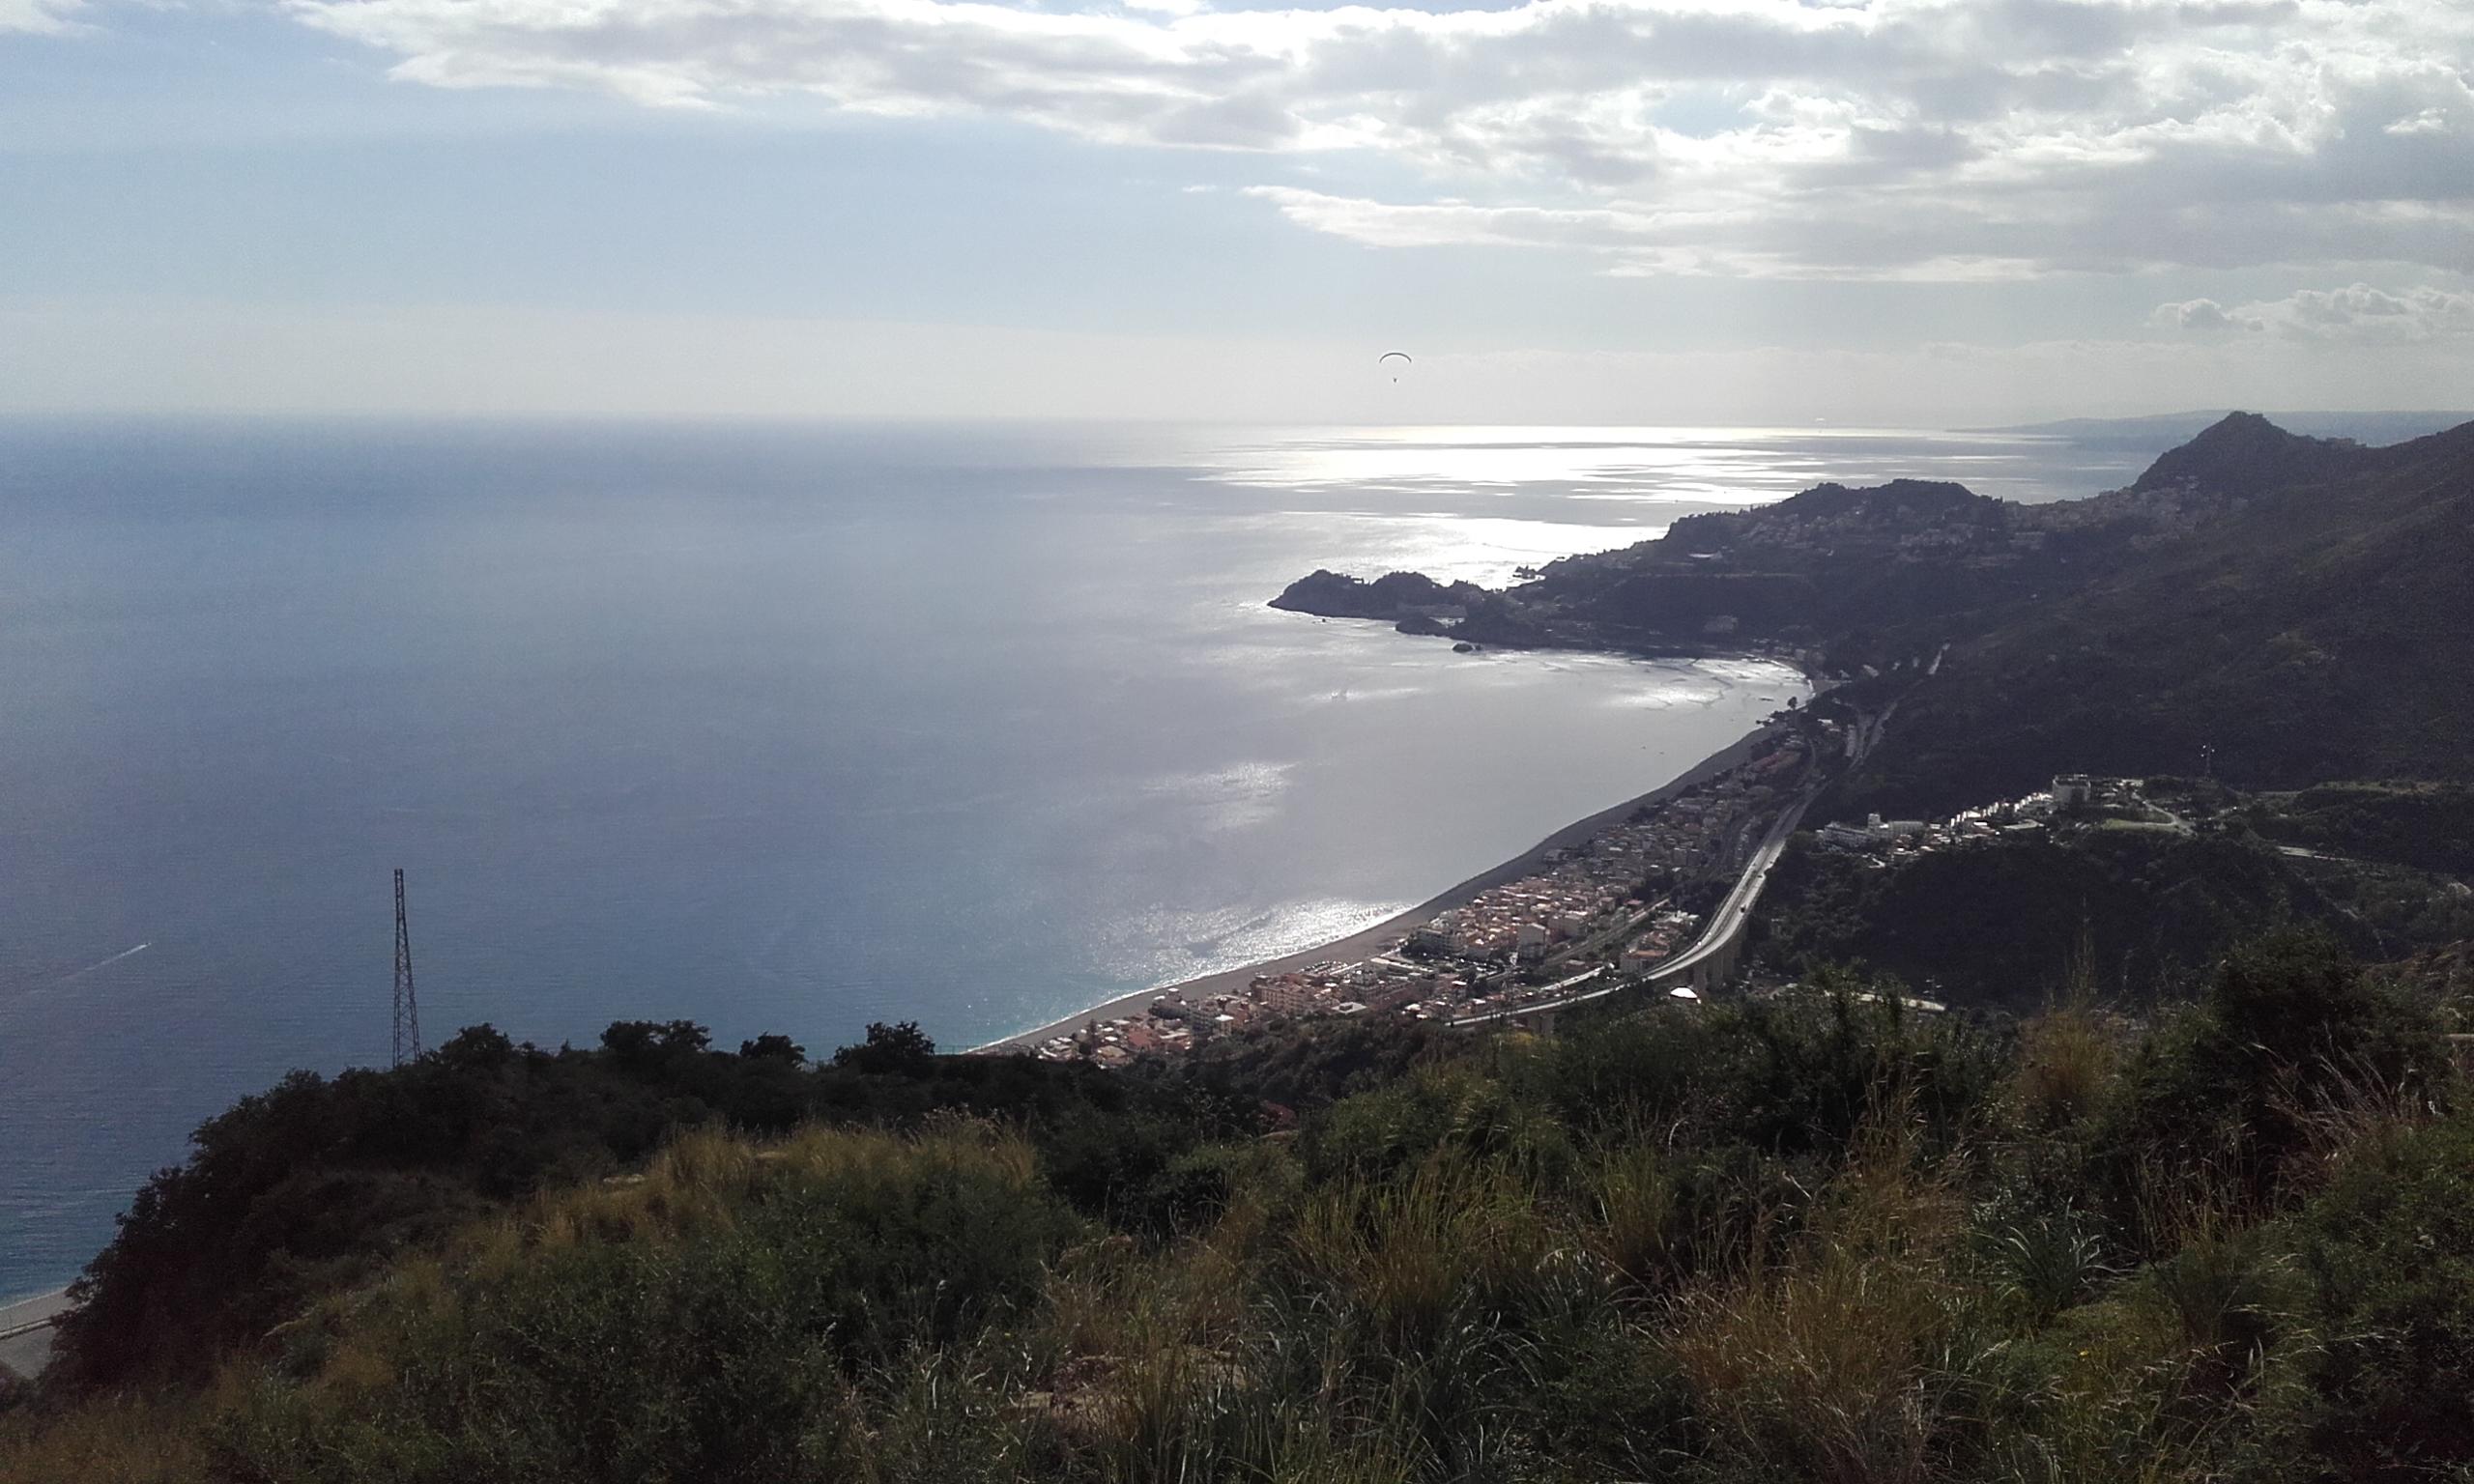 Giornata a Gallodoro: una passeggiata panoramica Domenica 20 Novembre